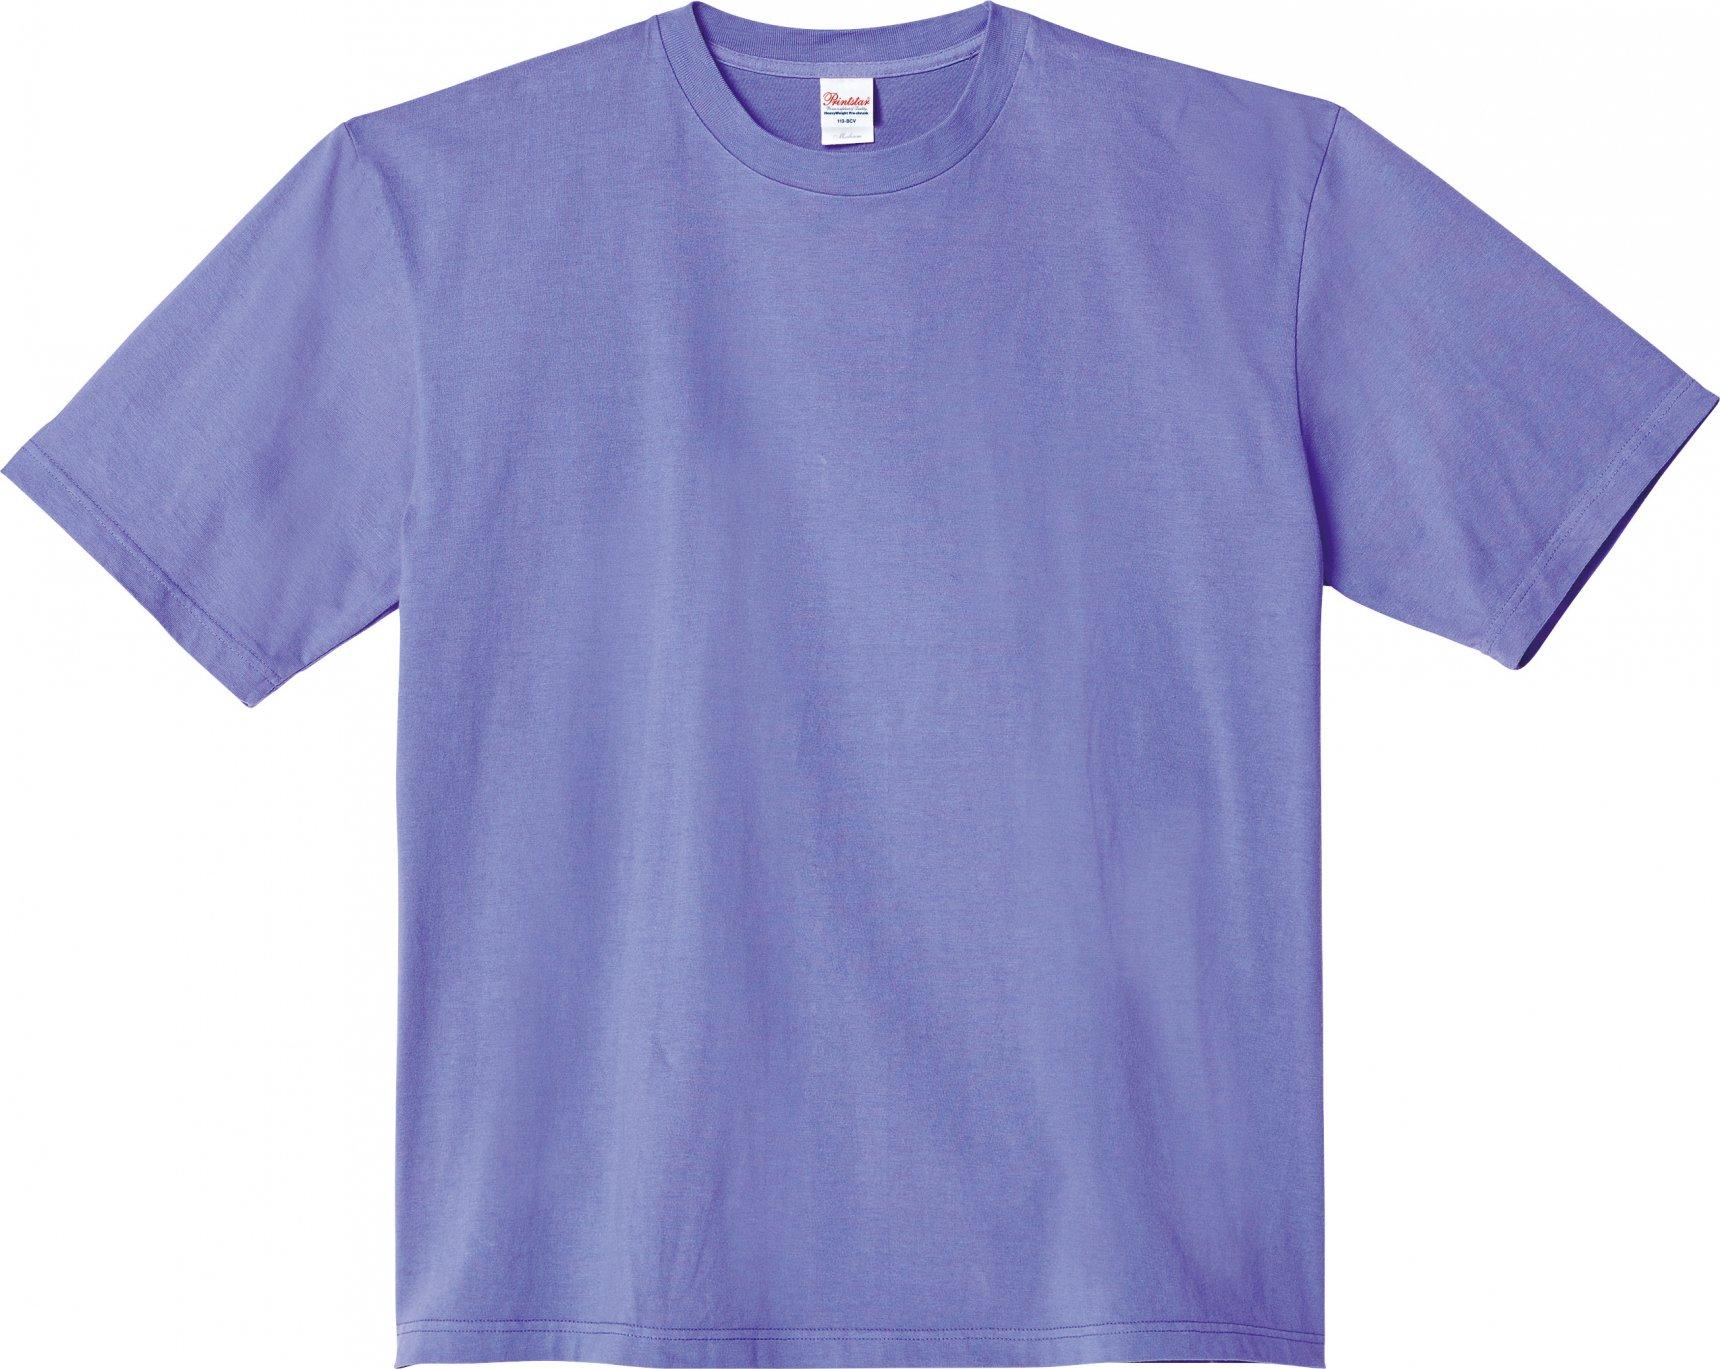 5.6オンス ヘビーウェイトビッグTシャツ 00113-BCV